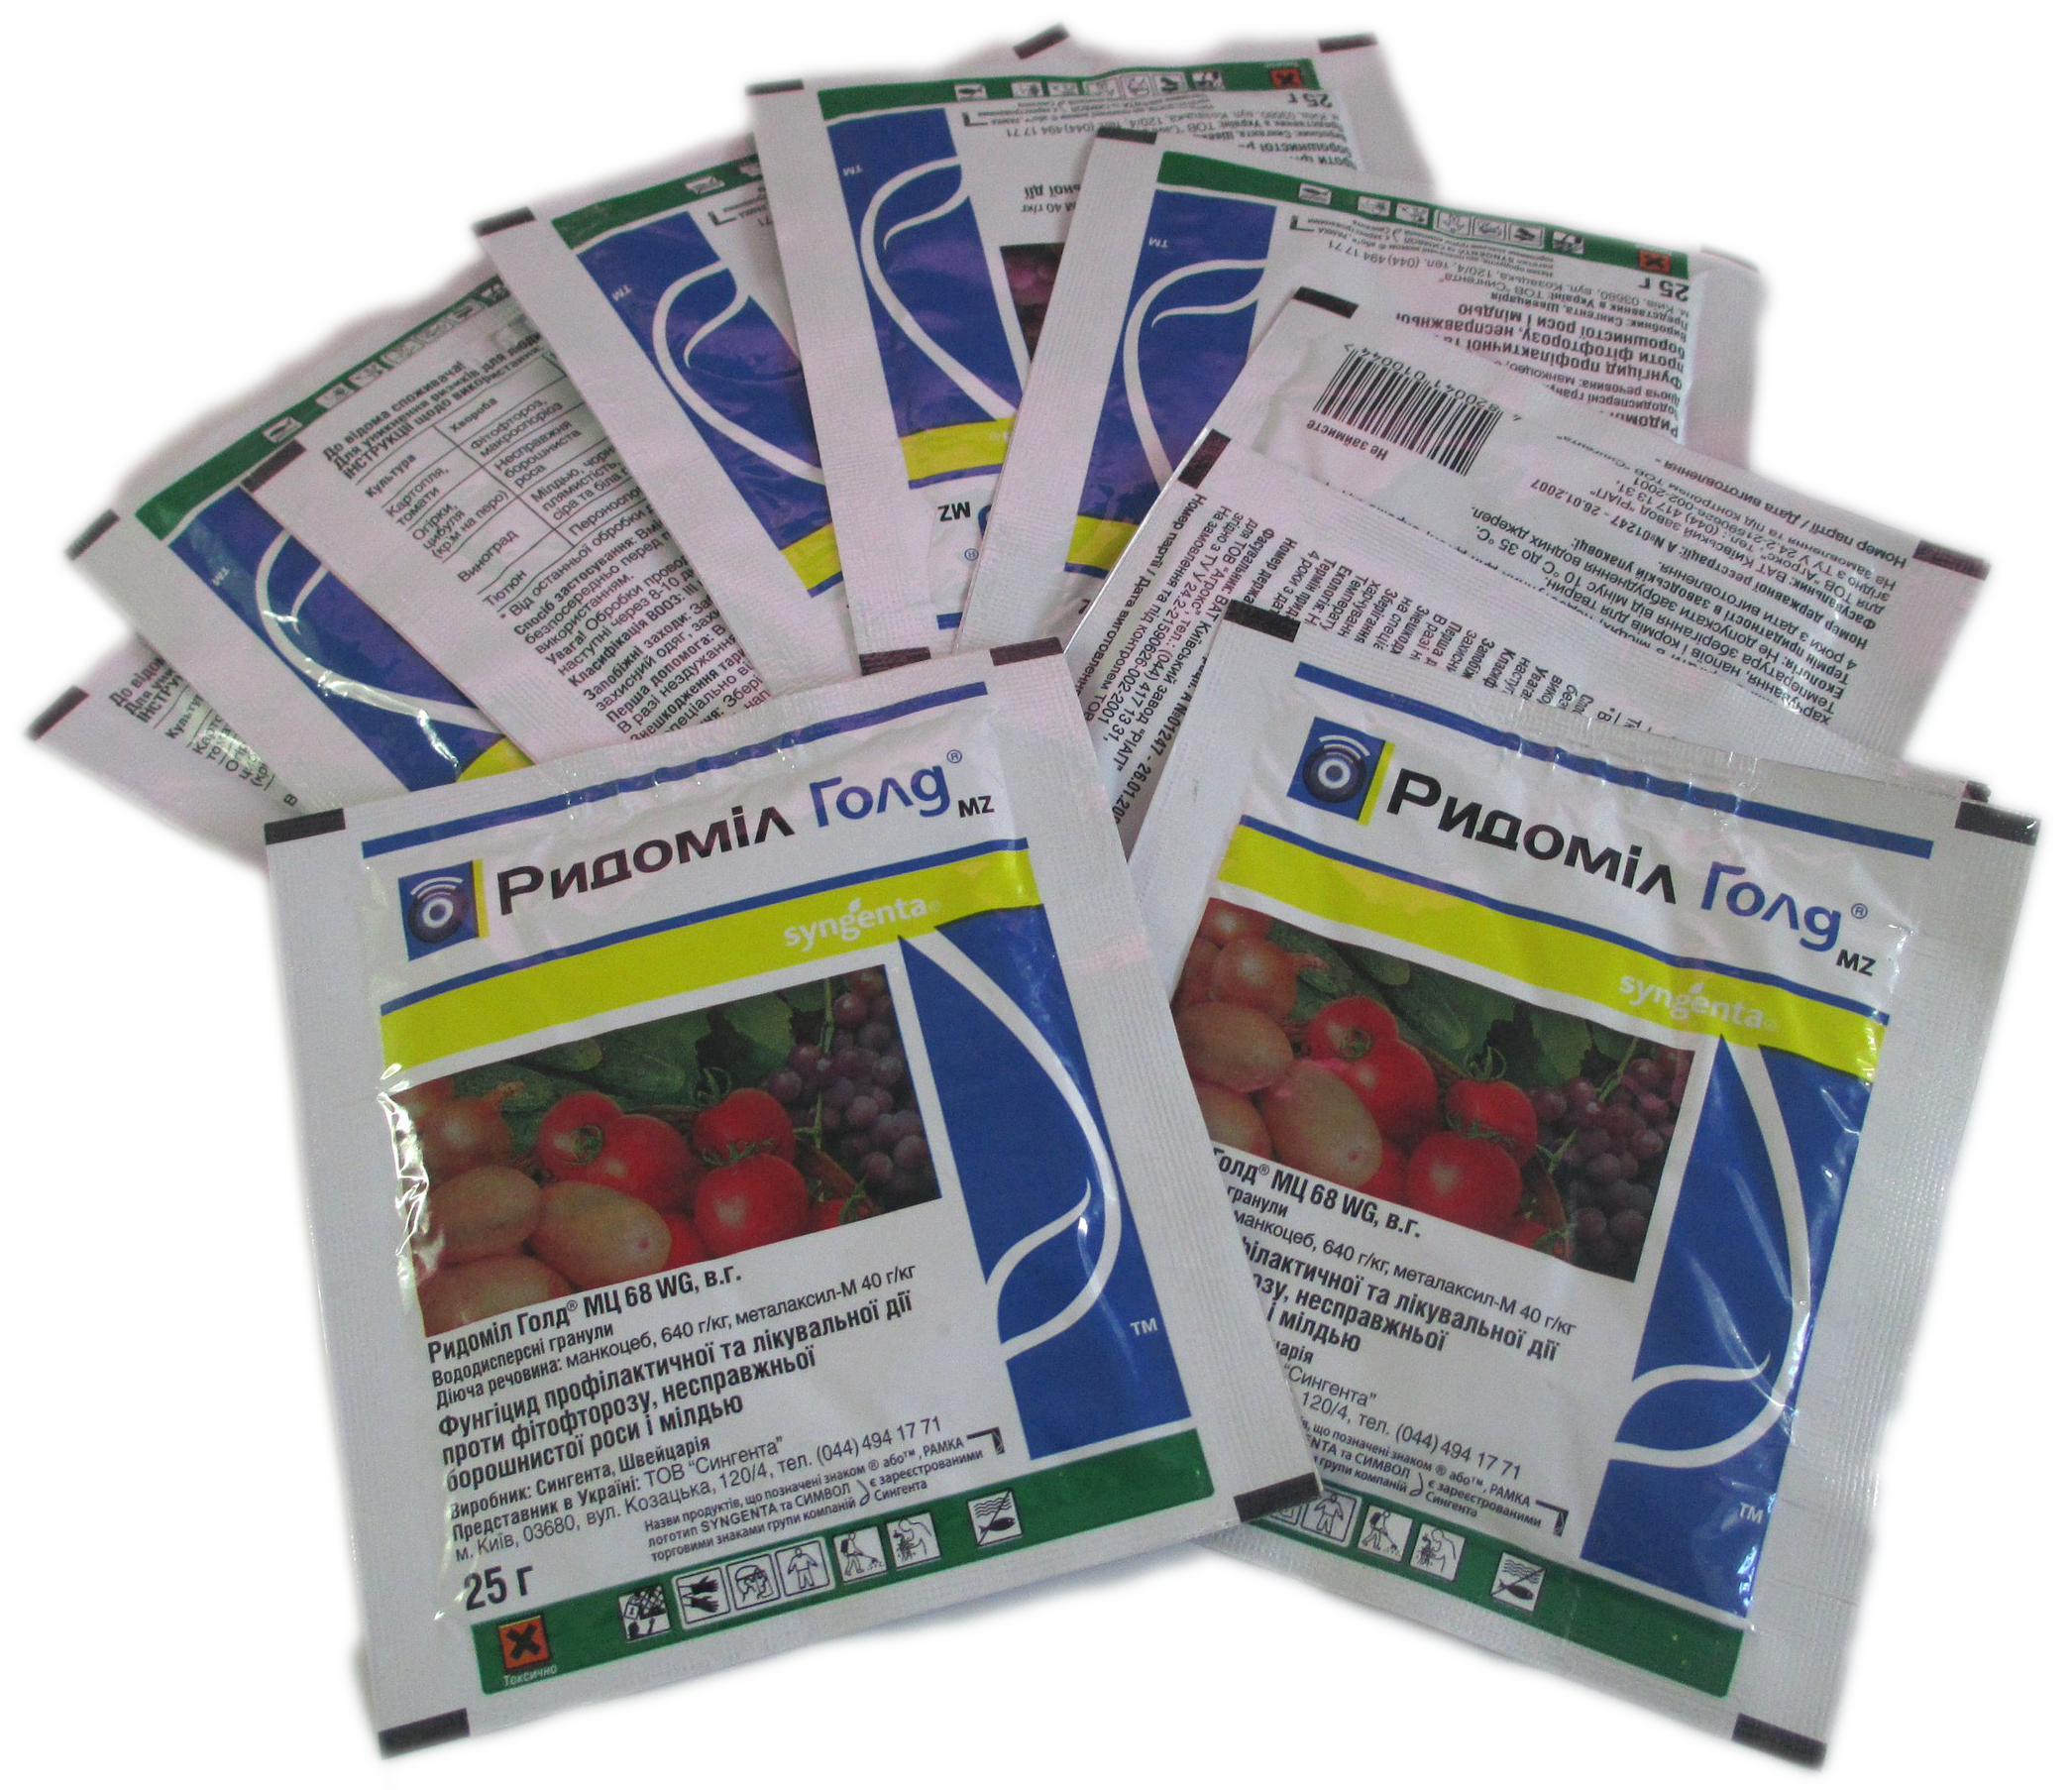 Ридомил голд мц — инструкция по применению для винограда